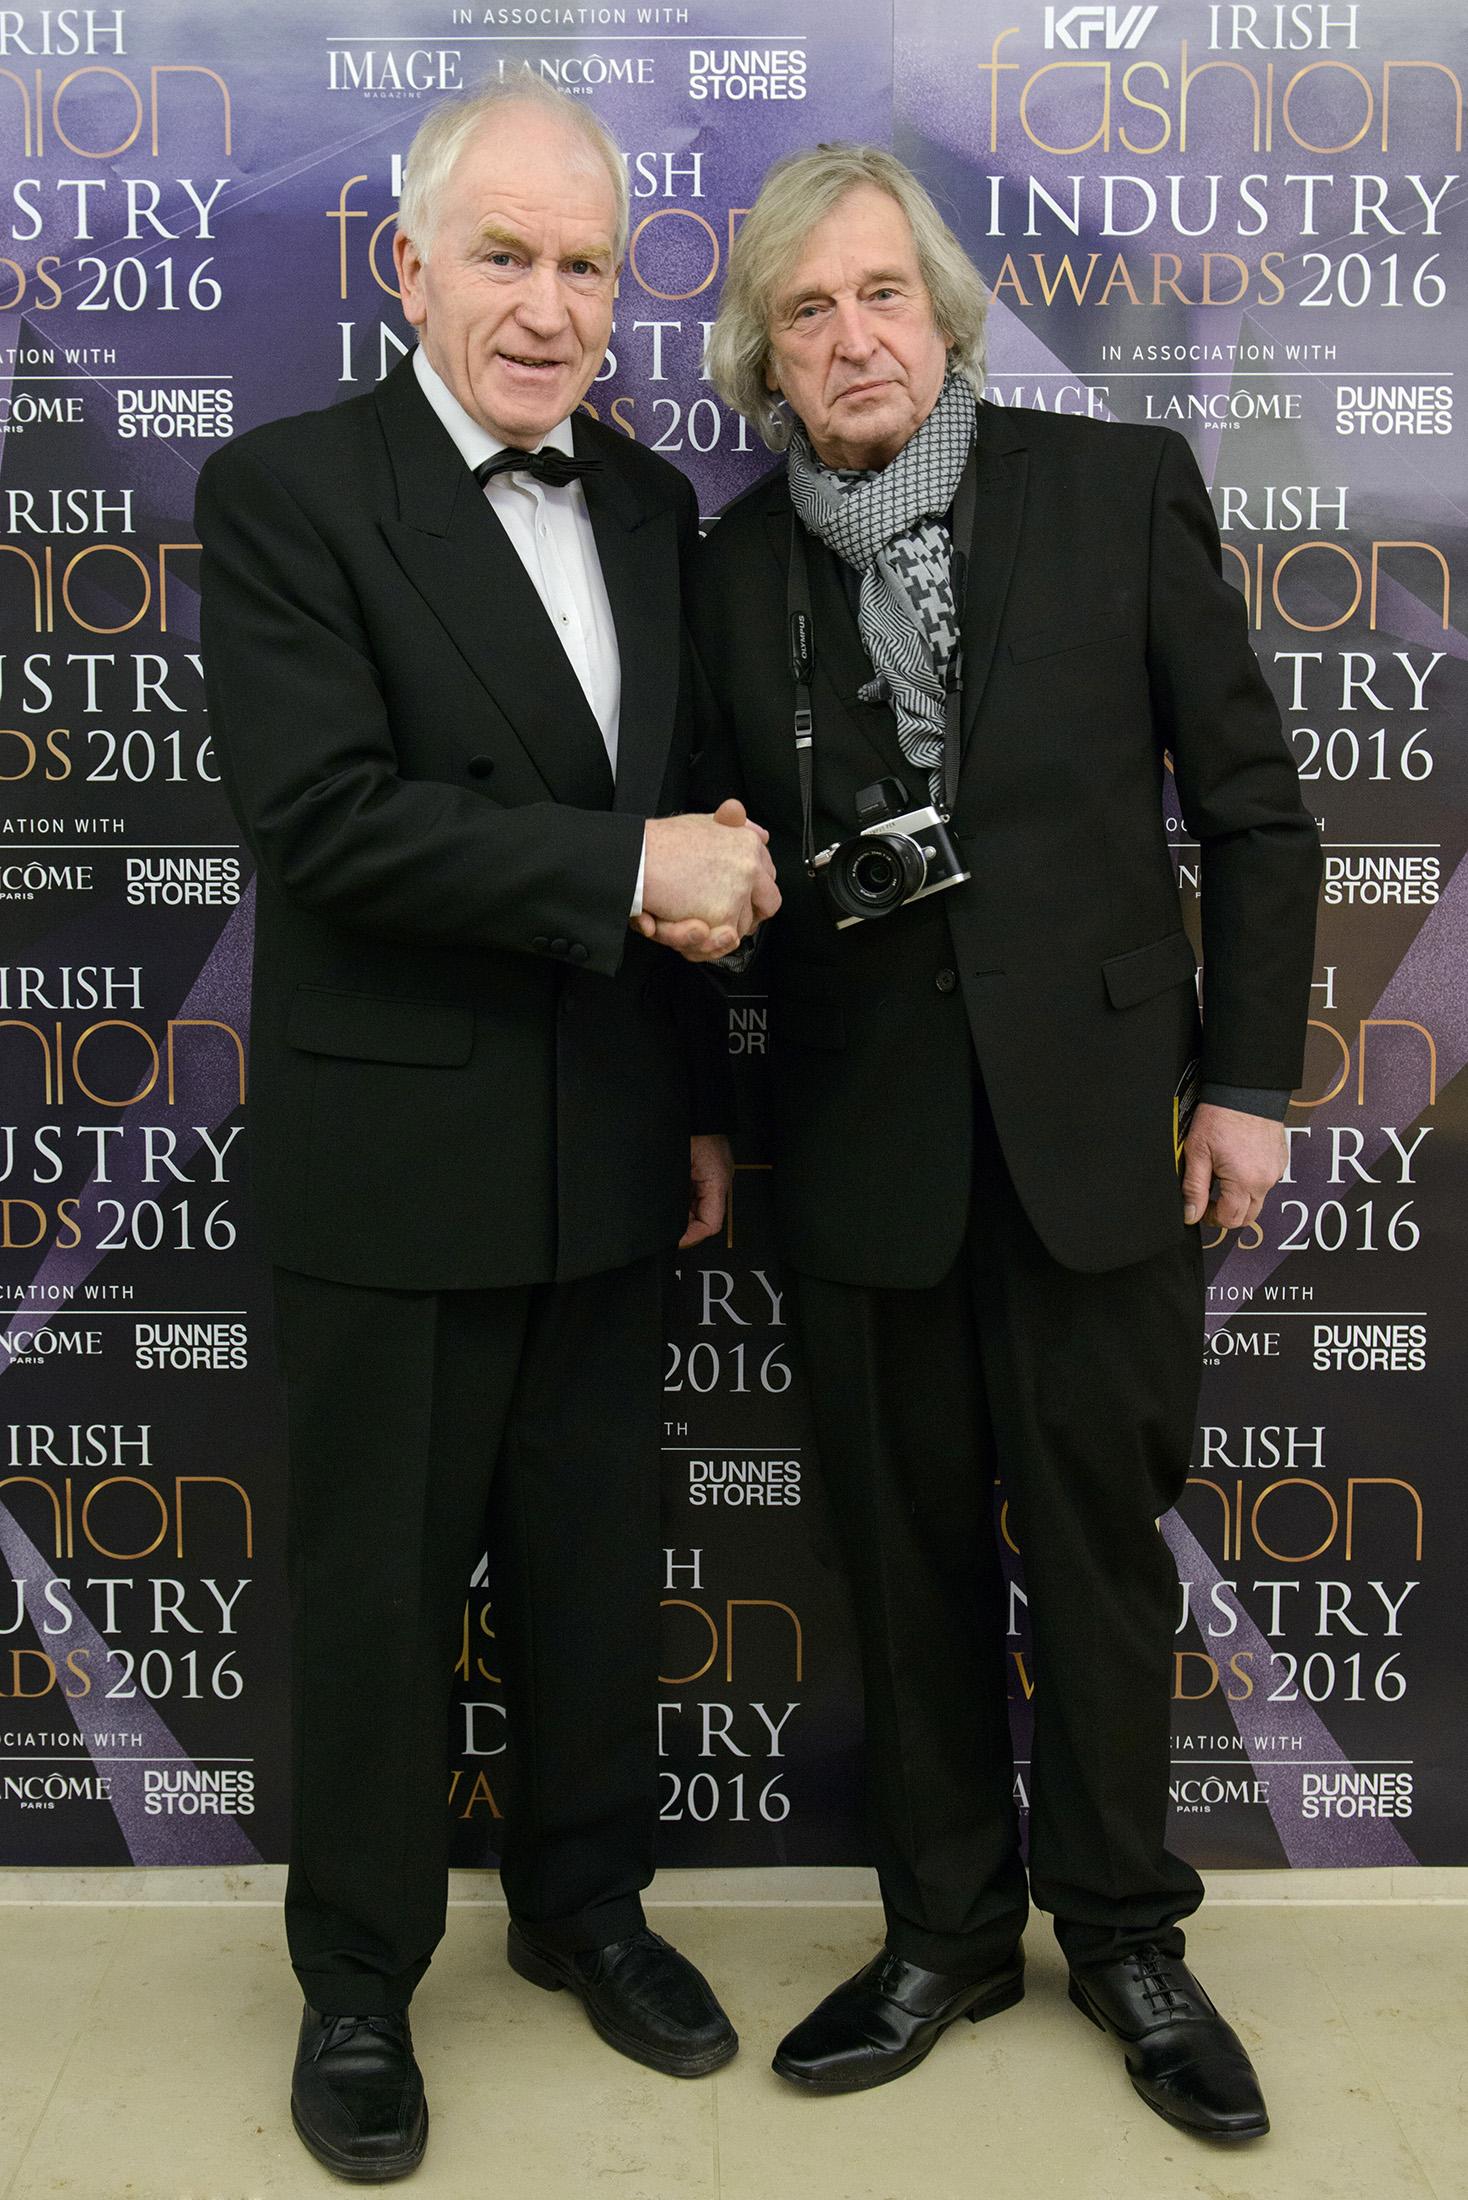 KFW16_Irish Fashion Industry Awards_9868.jpg